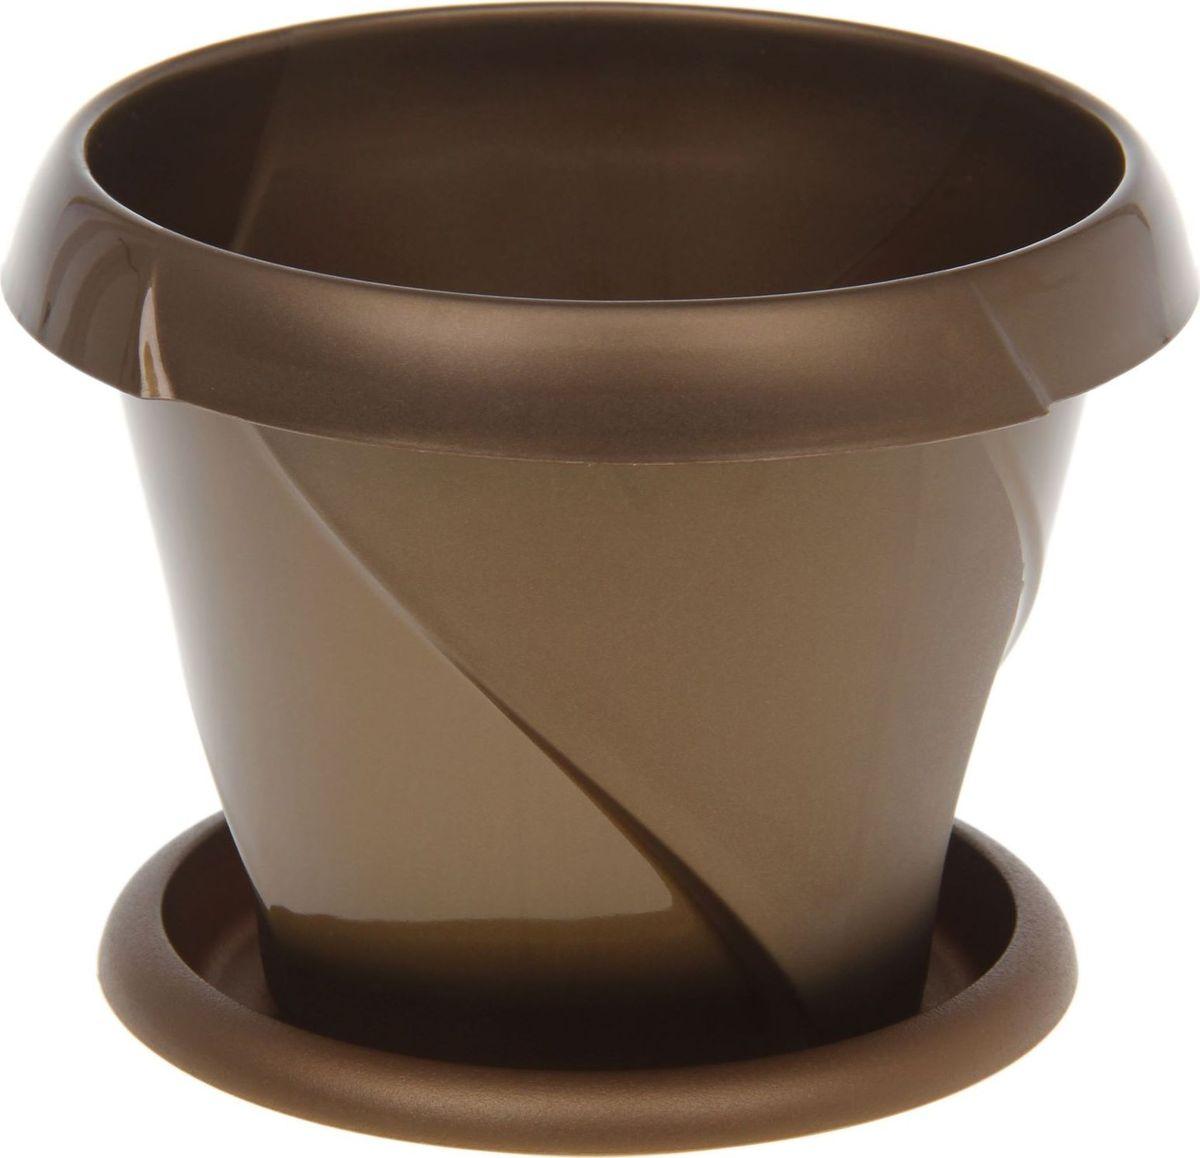 Кашпо Martika Флориана, с поддоном, цвет: золотистый, 1,4 л1355390Любой, даже самый современный и продуманный интерьер будет не завершённым без растений. Они не только очищают воздух и насыщают его кислородом, но и заметно украшают окружающее пространство. Такому полезному &laquo члену семьи&raquoпросто необходимо красивое и функциональное кашпо, оригинальный горшок или необычная ваза! Мы предлагаем - Кашпо с поддонником 1,4 л Флориана, d=17 см, цвет золотой!Оптимальный выбор материала &mdash &nbsp пластмасса! Почему мы так считаем? Малый вес. С лёгкостью переносите горшки и кашпо с места на место, ставьте их на столики или полки, подвешивайте под потолок, не беспокоясь о нагрузке. Простота ухода. Пластиковые изделия не нуждаются в специальных условиях хранения. Их&nbsp легко чистить &mdashдостаточно просто сполоснуть тёплой водой. Никаких царапин. Пластиковые кашпо не царапают и не загрязняют поверхности, на которых стоят. Пластик дольше хранит влагу, а значит &mdashрастение реже нуждается в поливе. Пластмасса не пропускает воздух &mdashкорневой системе растения не грозят резкие перепады температур. Огромный выбор форм, декора и расцветок &mdashвы без труда подберёте что-то, что идеально впишется в уже существующий интерьер.Соблюдая нехитрые правила ухода, вы можете заметно продлить срок службы горшков, вазонов и кашпо из пластика: всегда учитывайте размер кроны и корневой системы растения (при разрастании большое растение способно повредить маленький горшок)берегите изделие от воздействия прямых солнечных лучей, чтобы кашпо и горшки не выцветалидержите кашпо и горшки из пластика подальше от нагревающихся поверхностей.Создавайте прекрасные цветочные композиции, выращивайте рассаду или необычные растения, а низкие цены позволят вам не ограничивать себя в выборе.